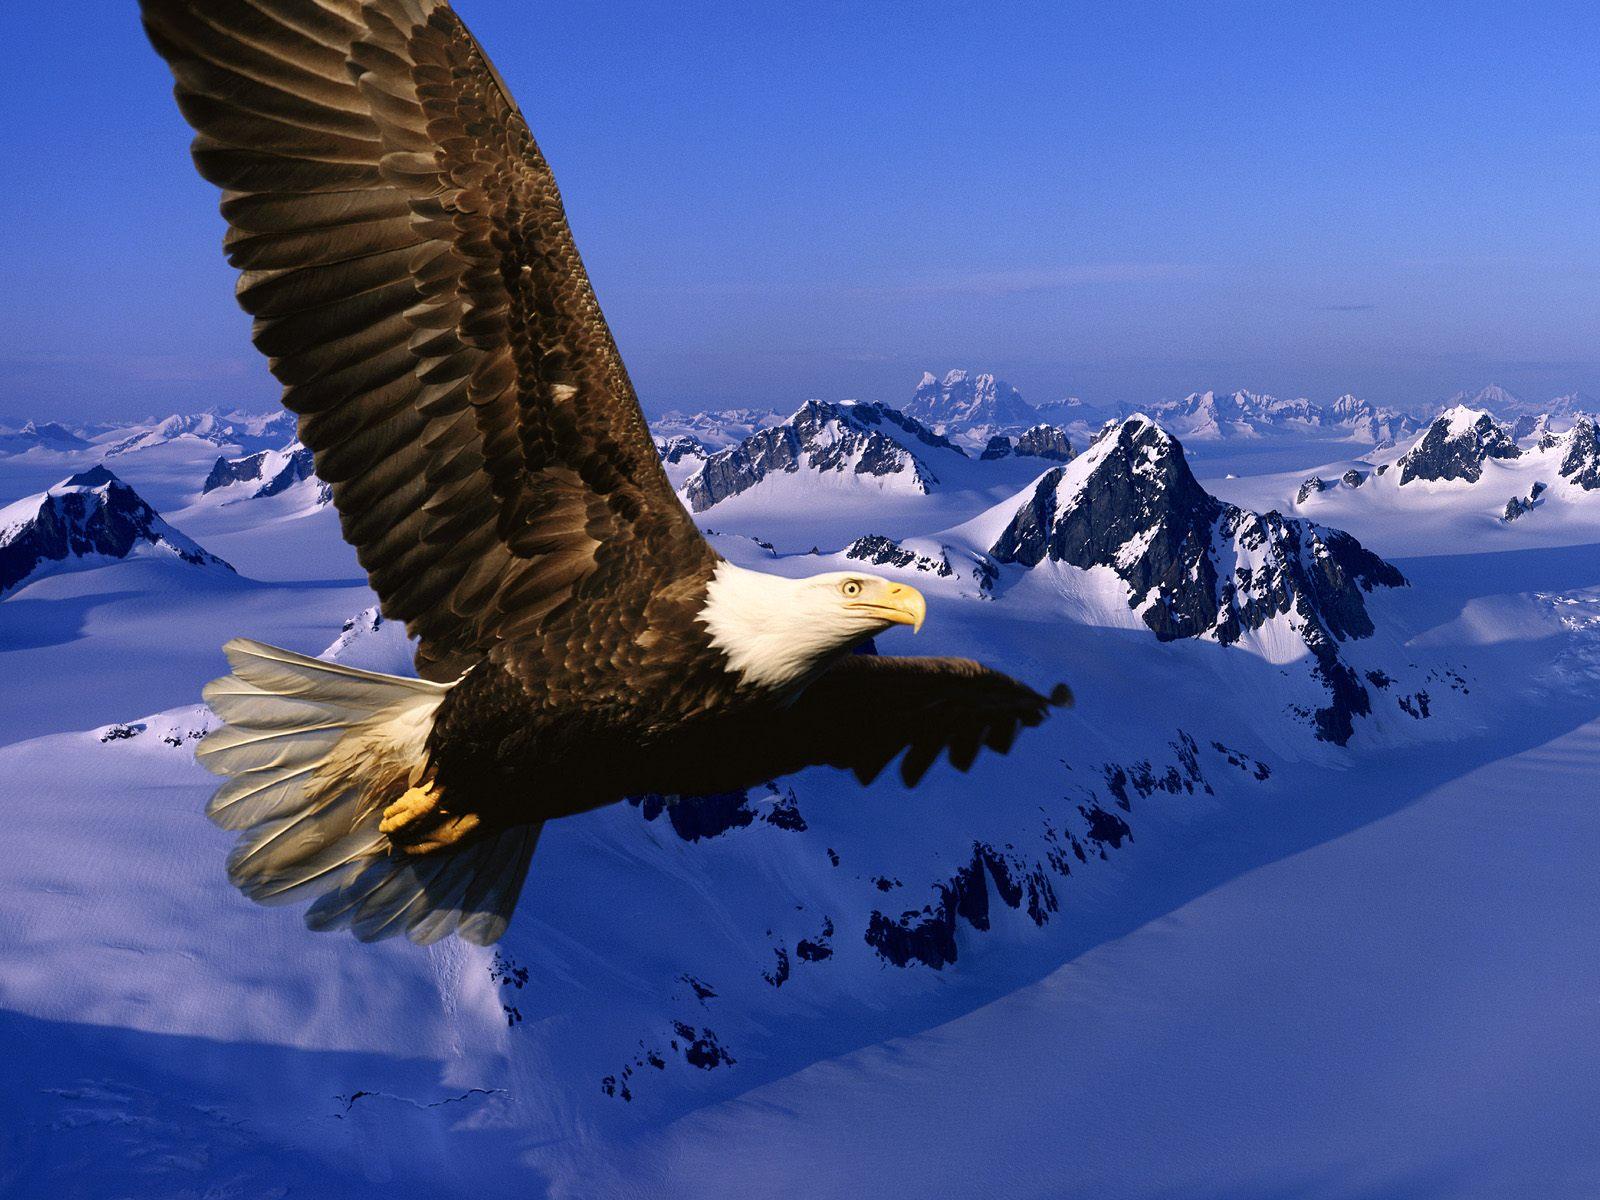 фото орла скачать